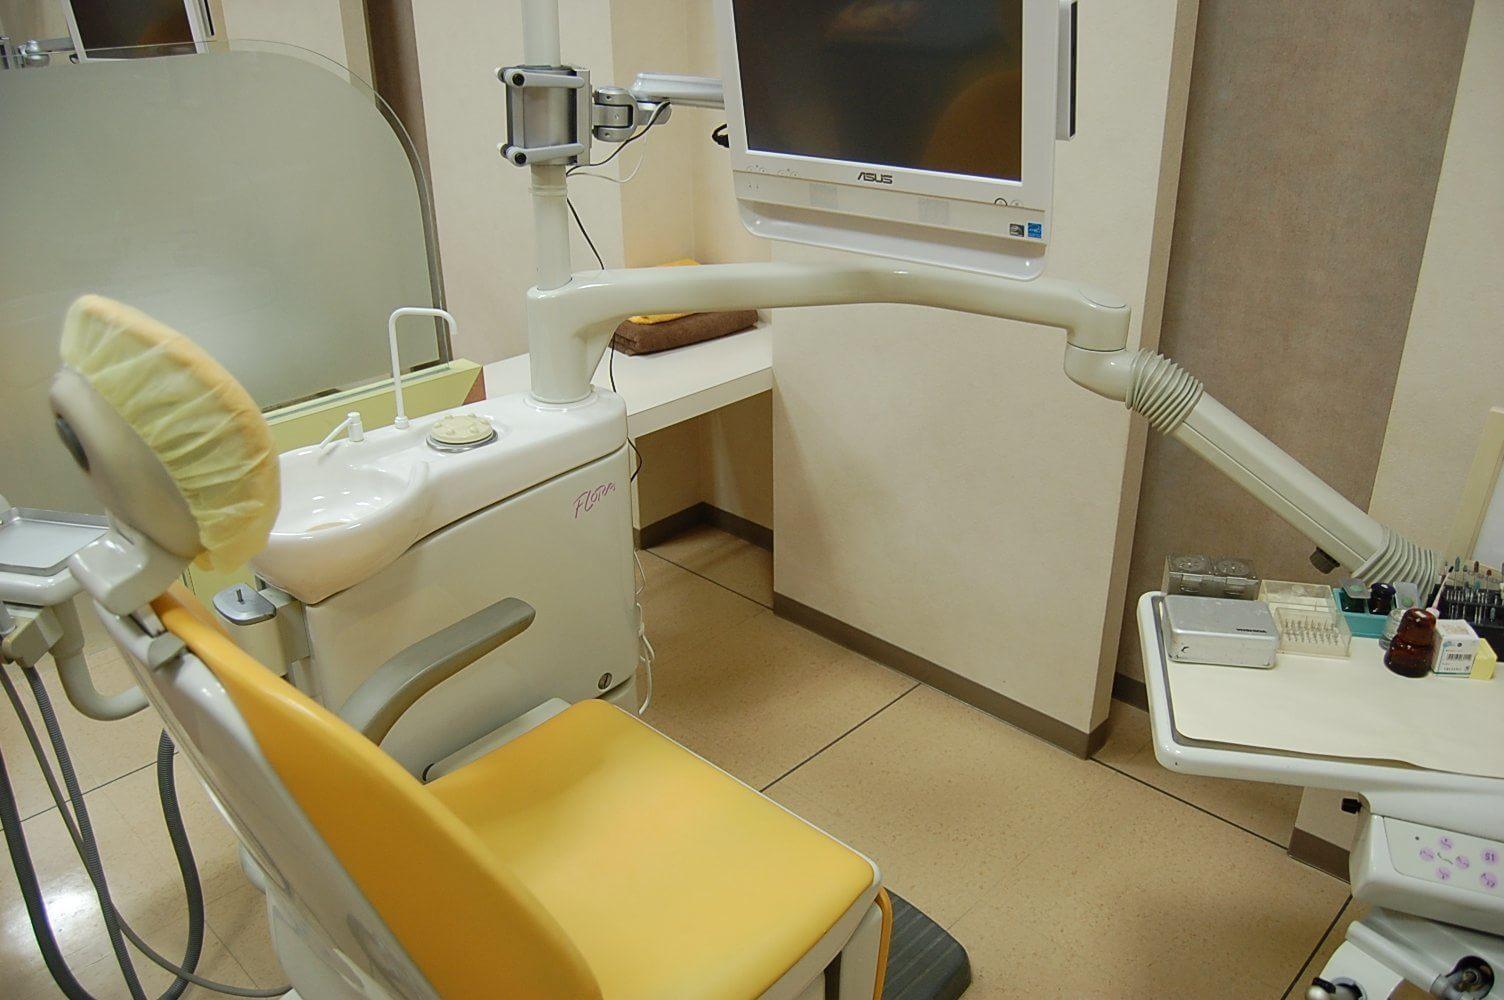 横須賀駅 出口徒歩 6分 ウェルシティ横須賀歯科診療所のその他写真2